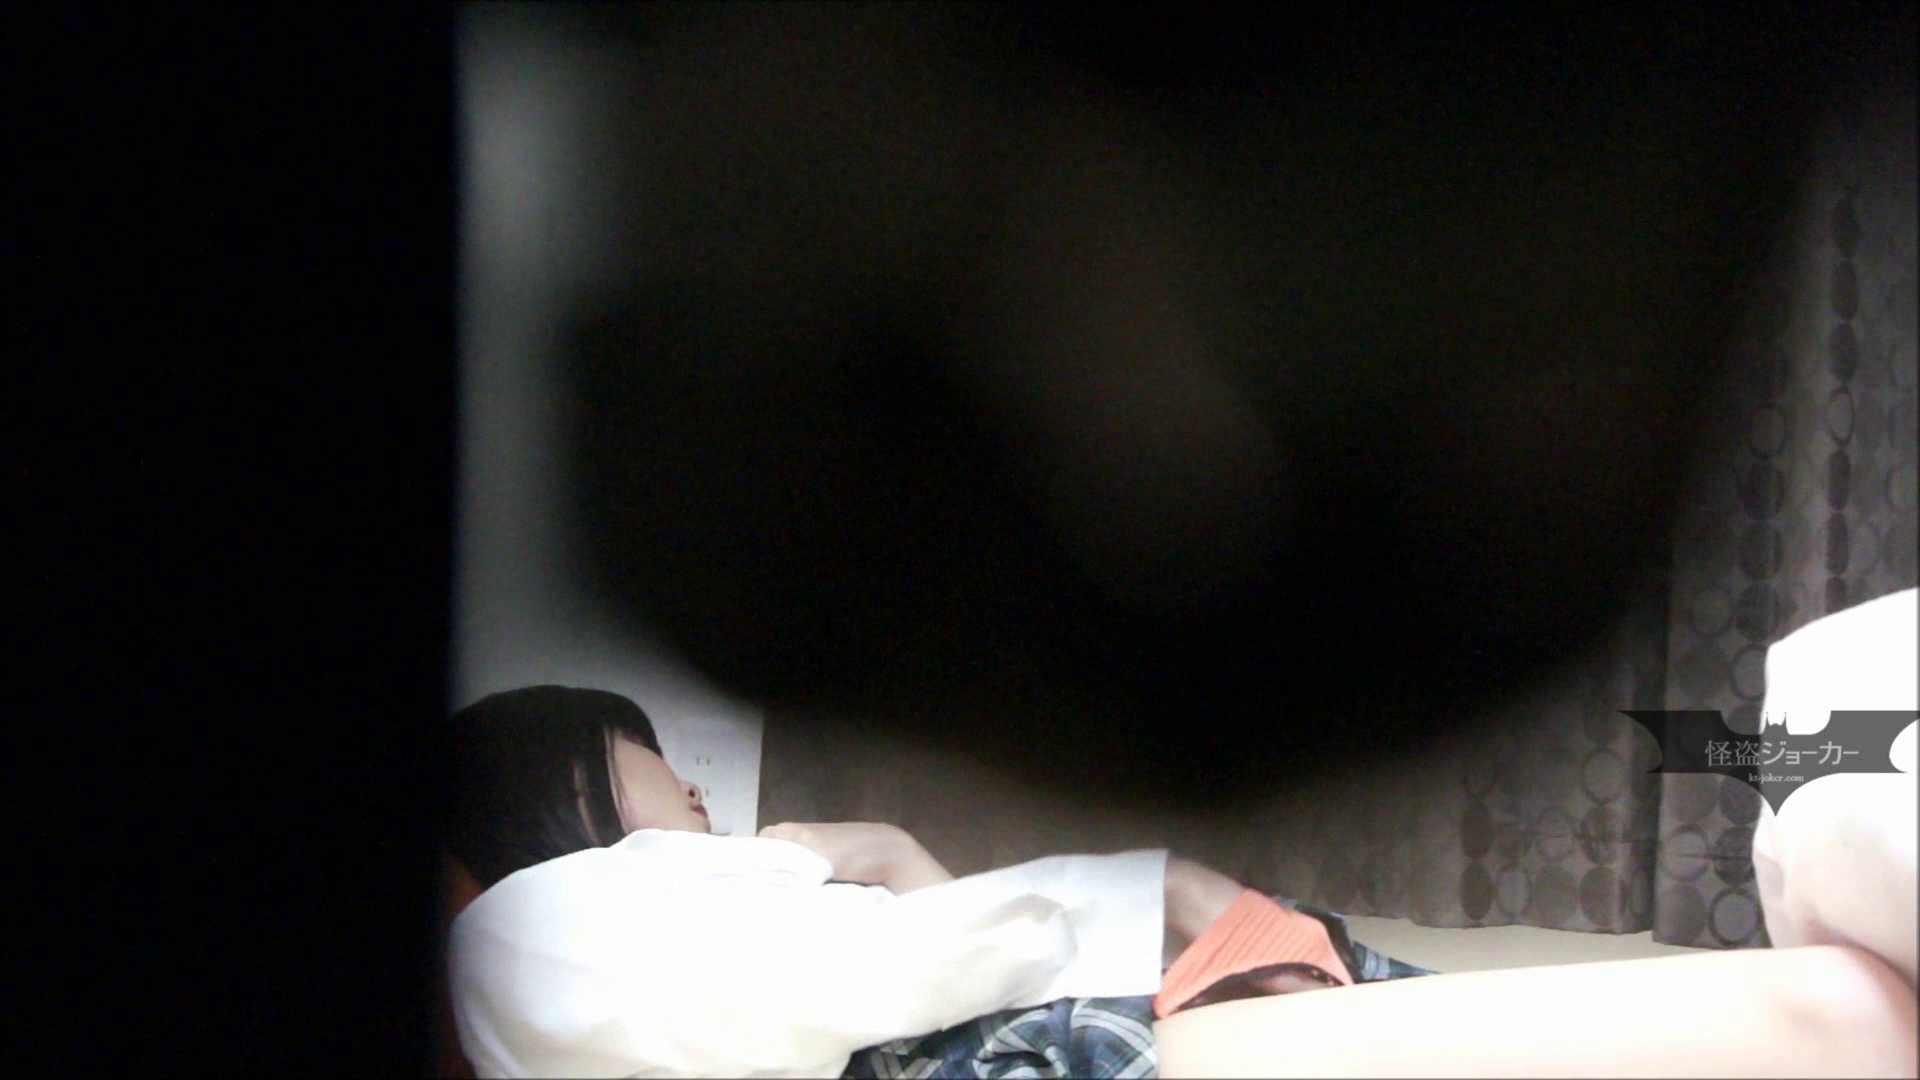 【未公開】vol.54【小春】脱衣所とオナニー隠し撮り オナニー  92pic 42